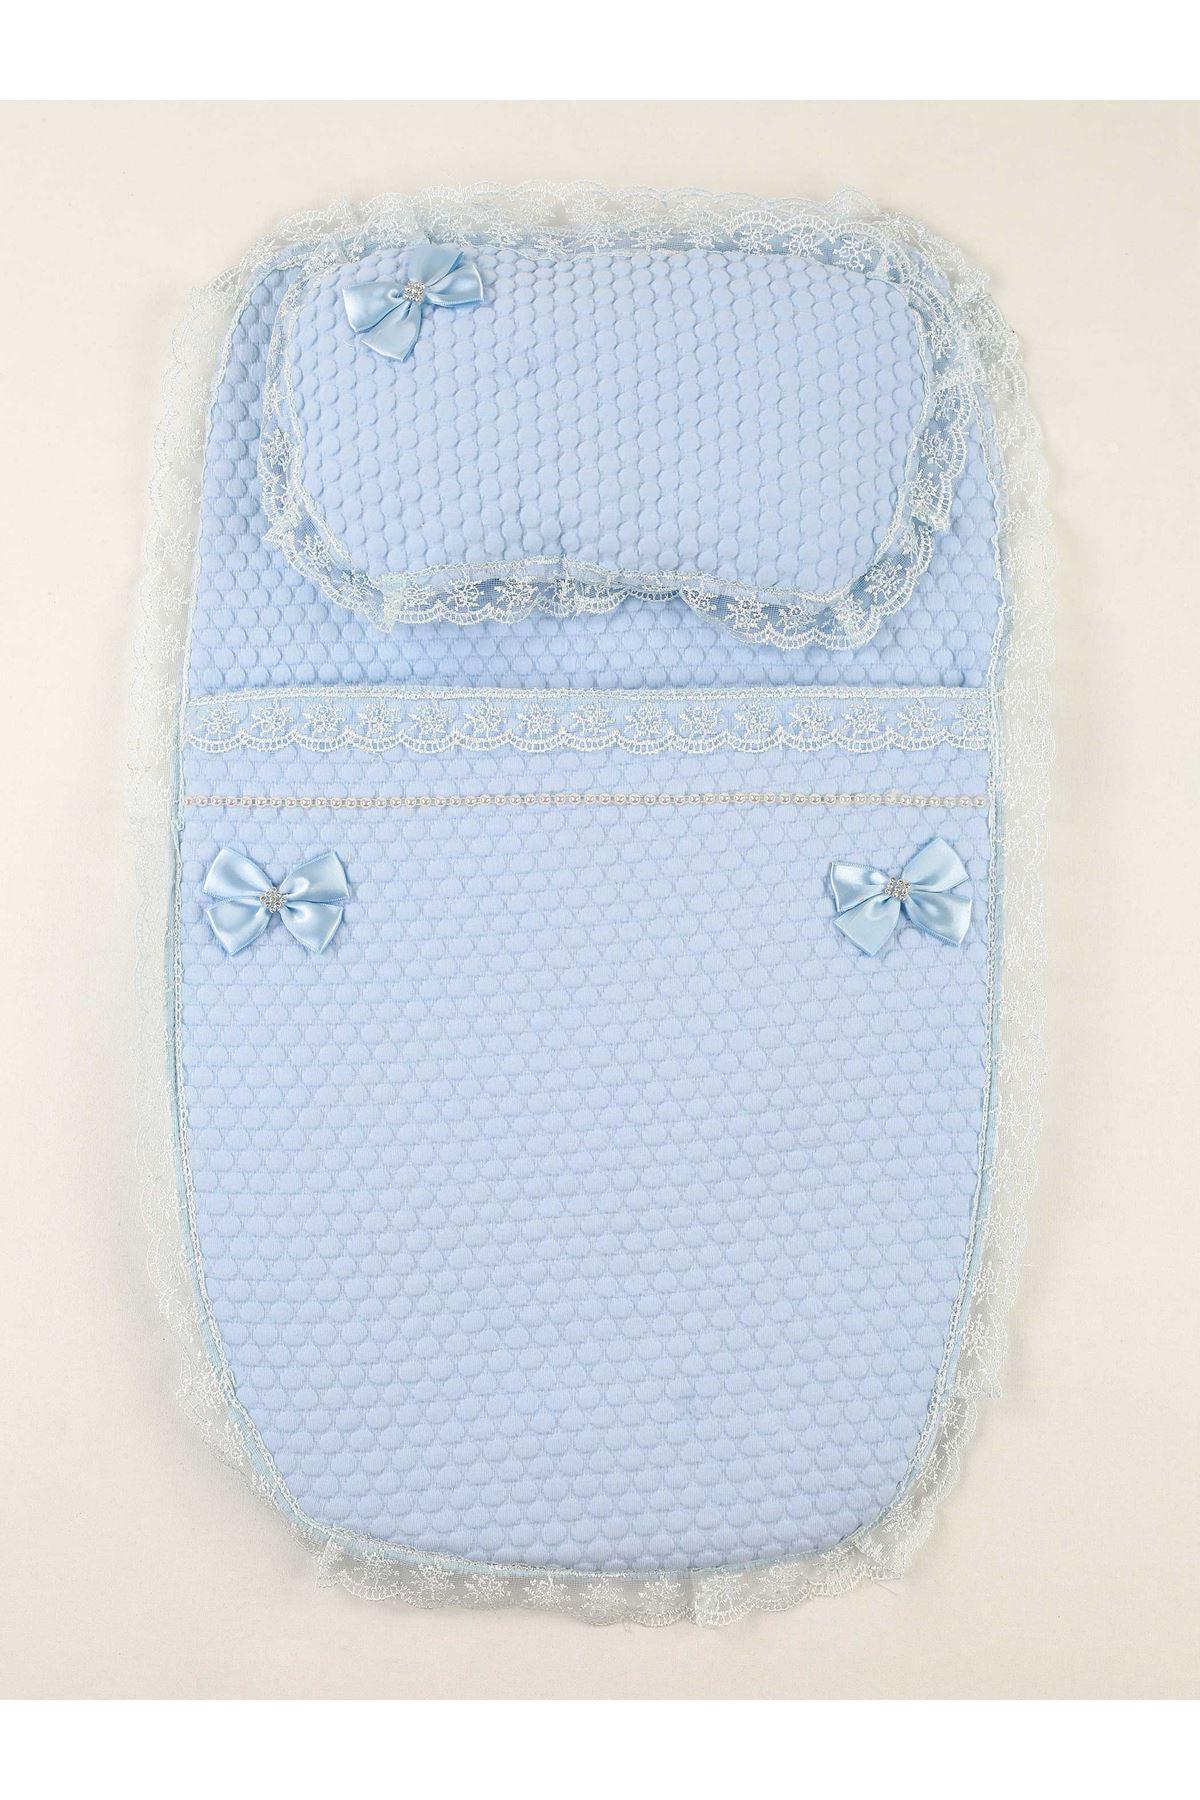 Blue Baby Boy Swaddle Bottom Opening